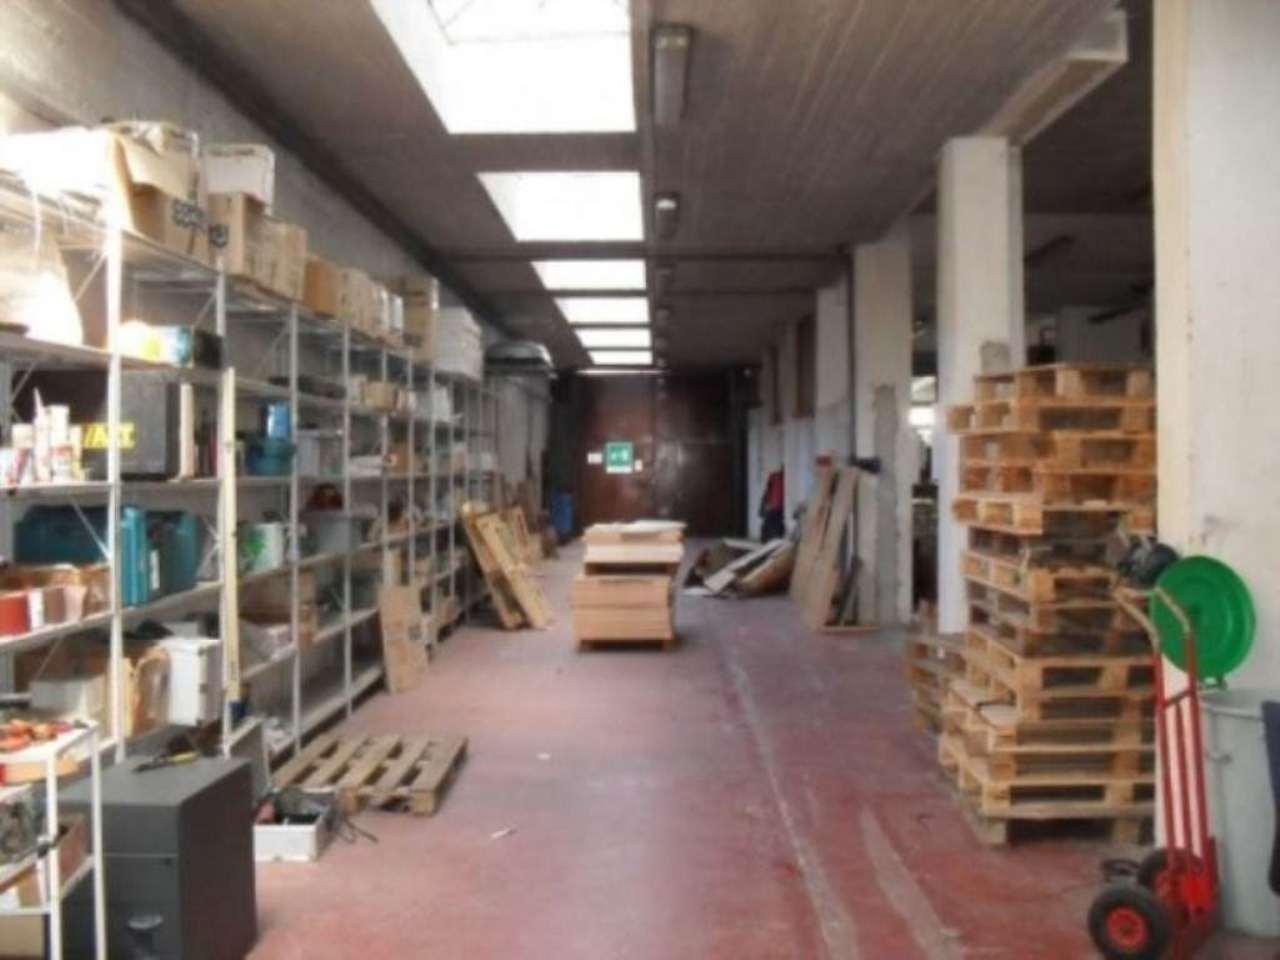 Laboratorio in vendita a Nova Milanese, 3 locali, prezzo € 250.000 | Cambio Casa.it